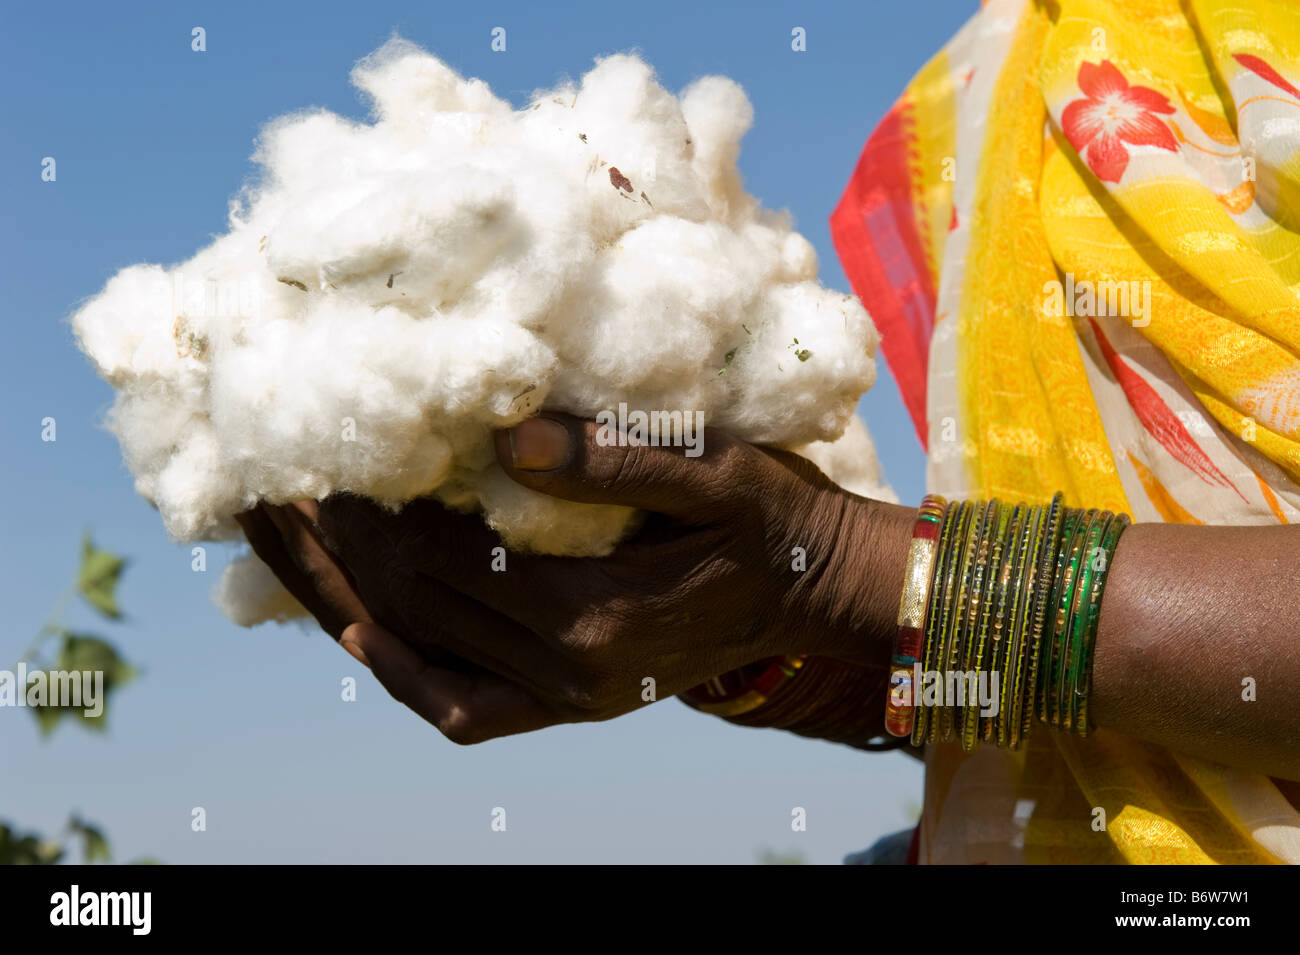 Indien M.P. Khargone, Fair Trade und Bio-Baumwolle Landwirtschaft Stockbild